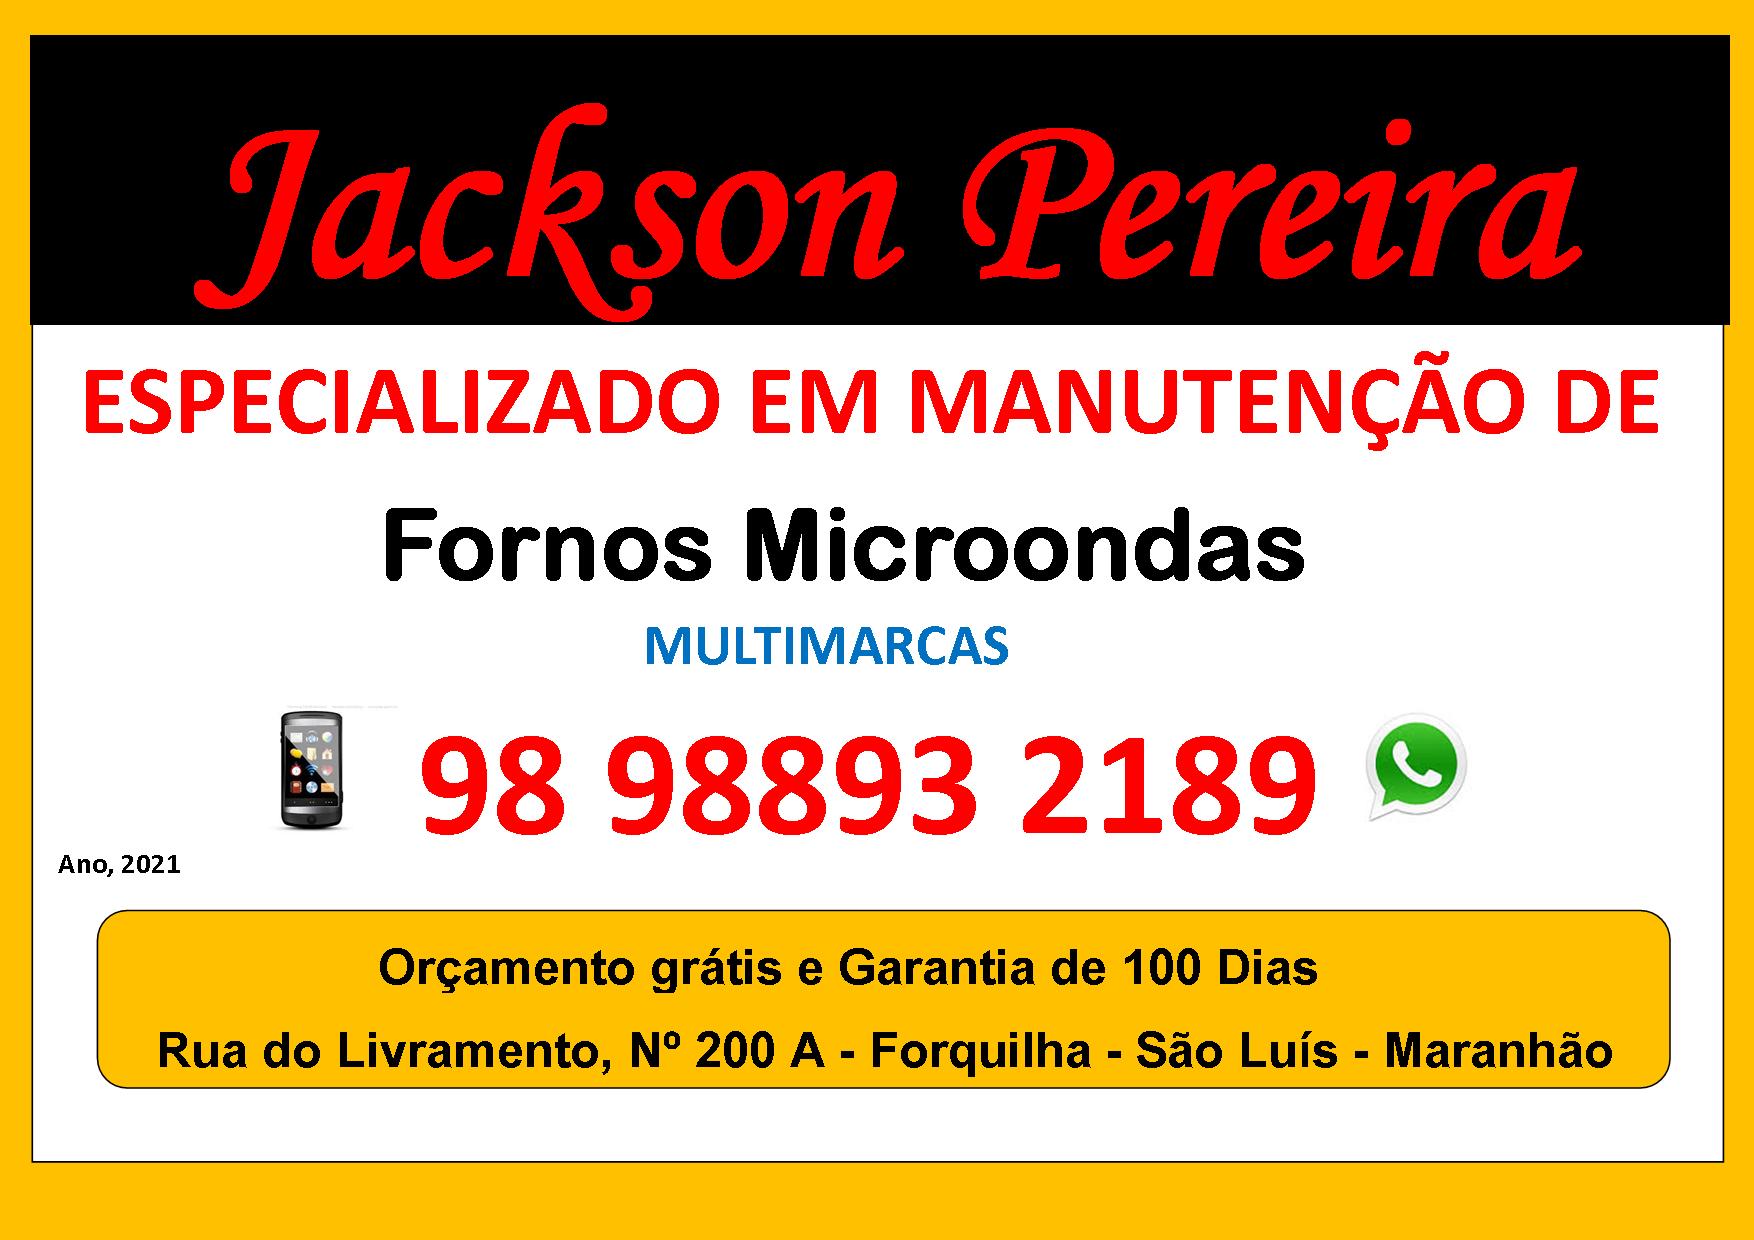 Conserto de Microondas em São Luis maranhão